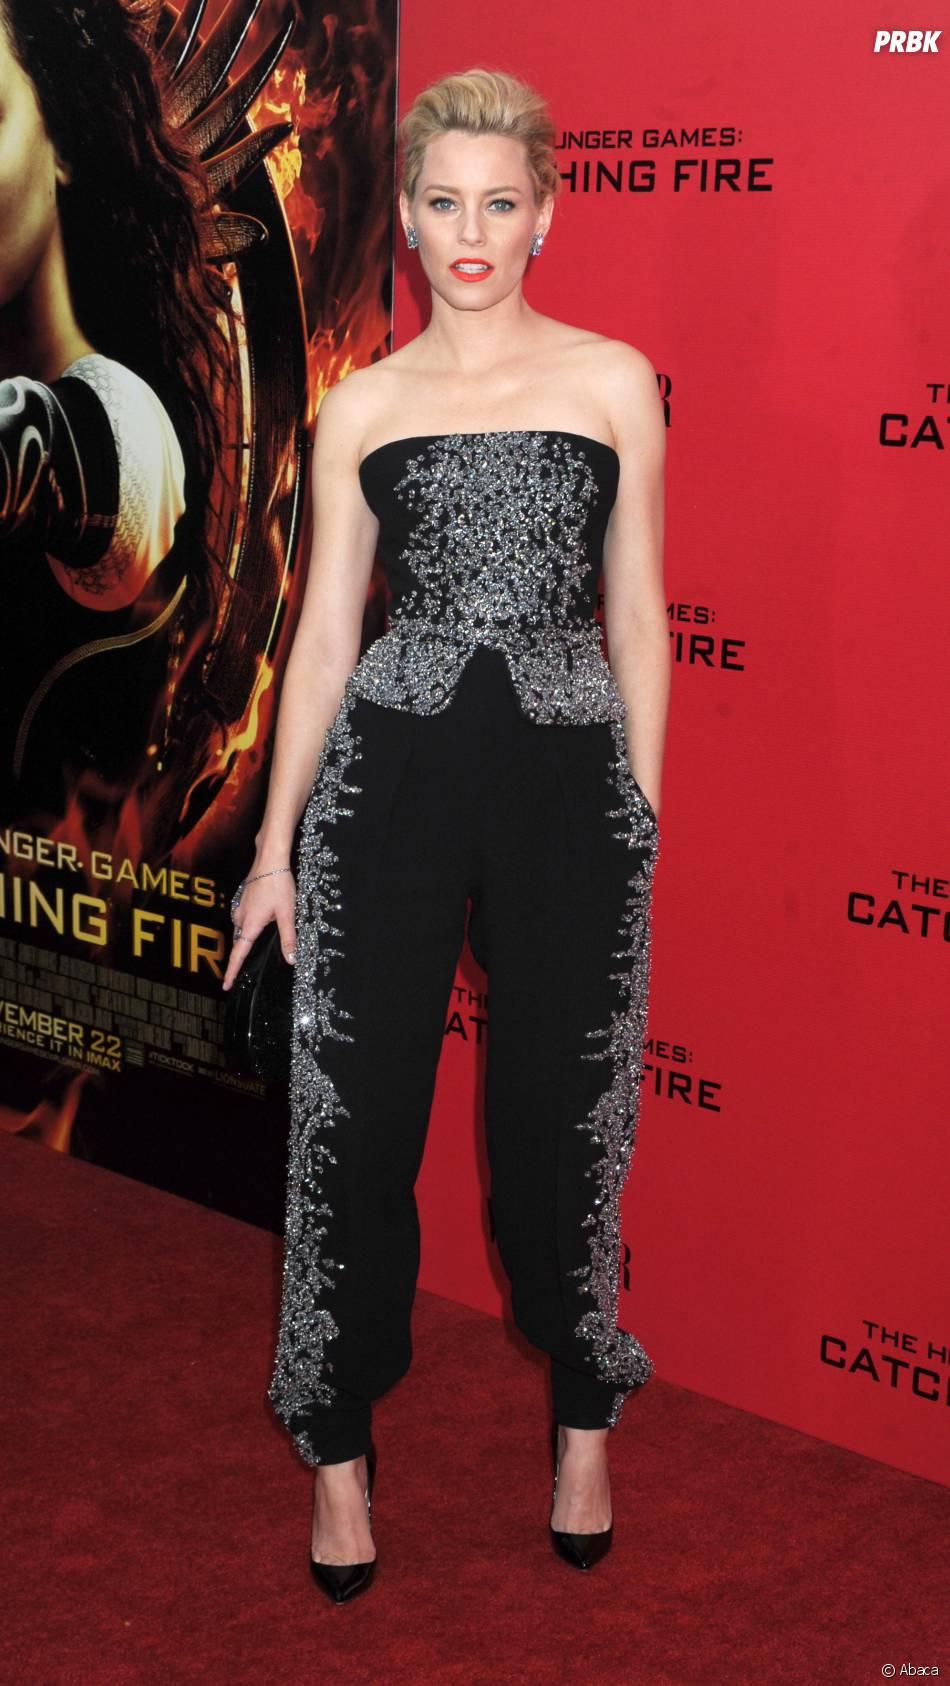 Elizabeth Banks à l'avant-première d'Hunger Games l'embrasement à New York le 20 novembre 2013